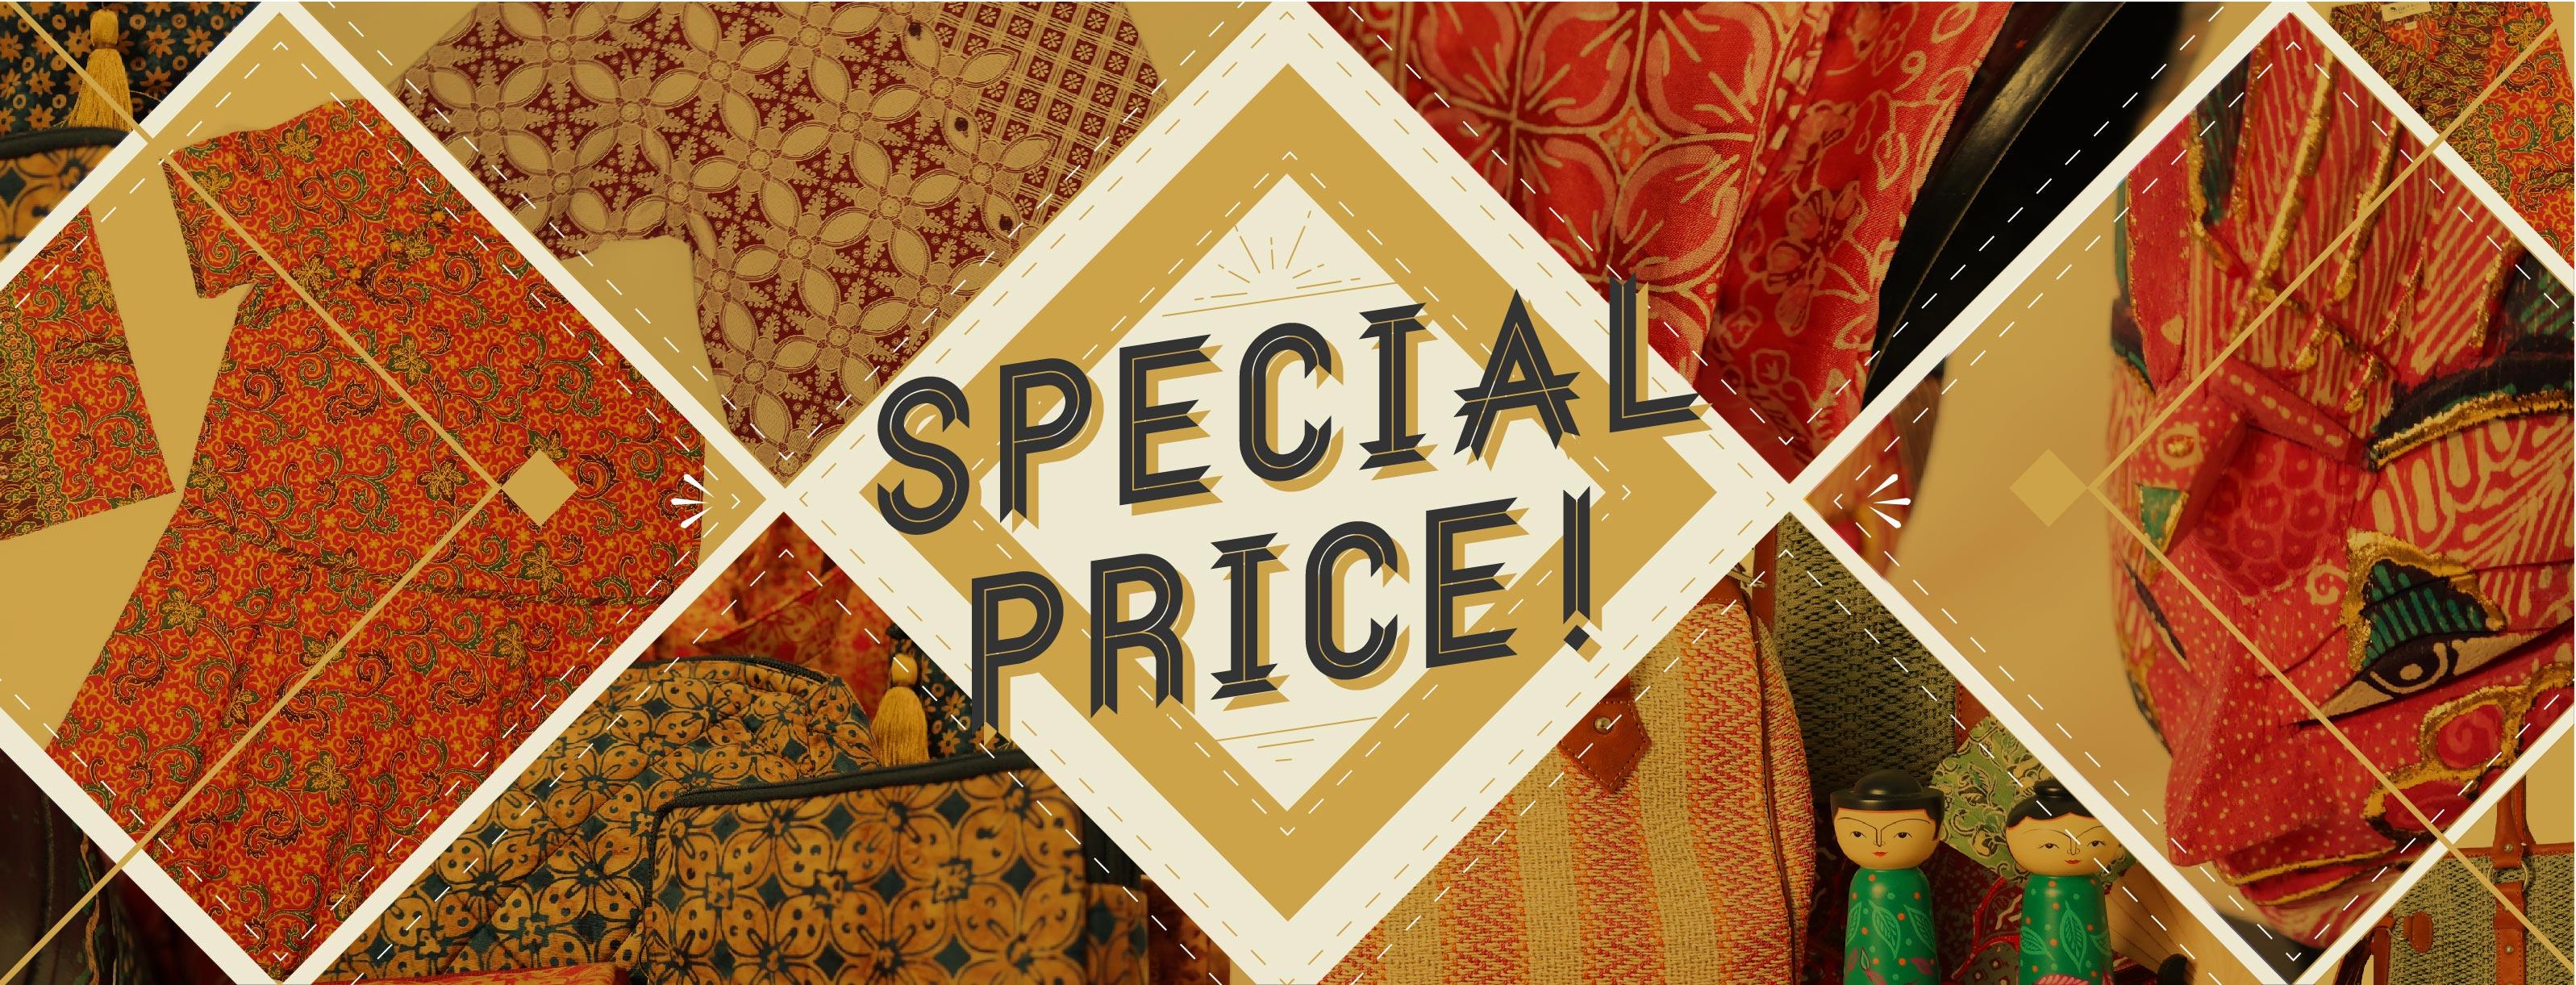 Pesta Special Price di Batik Keris